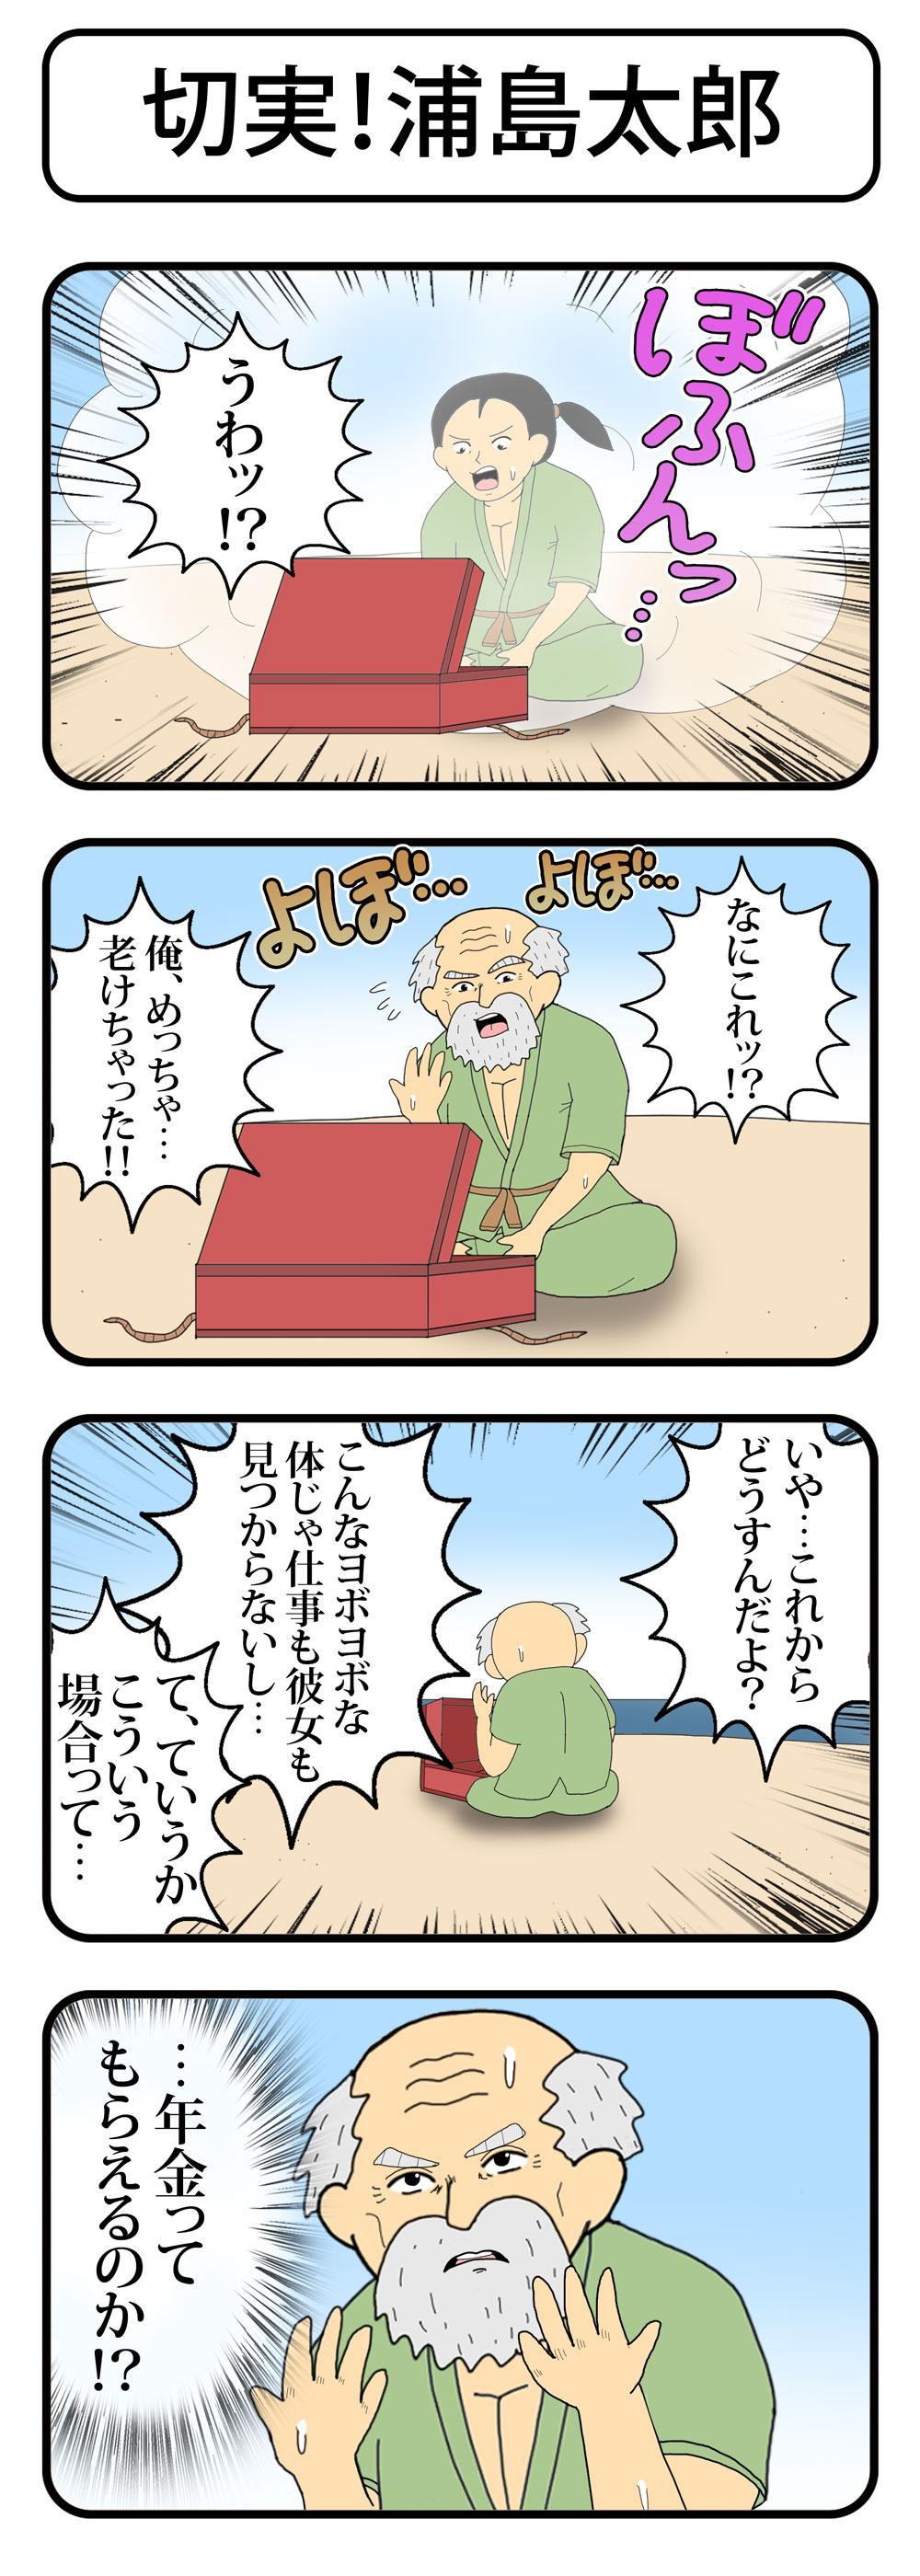 ①浦島太郎c2